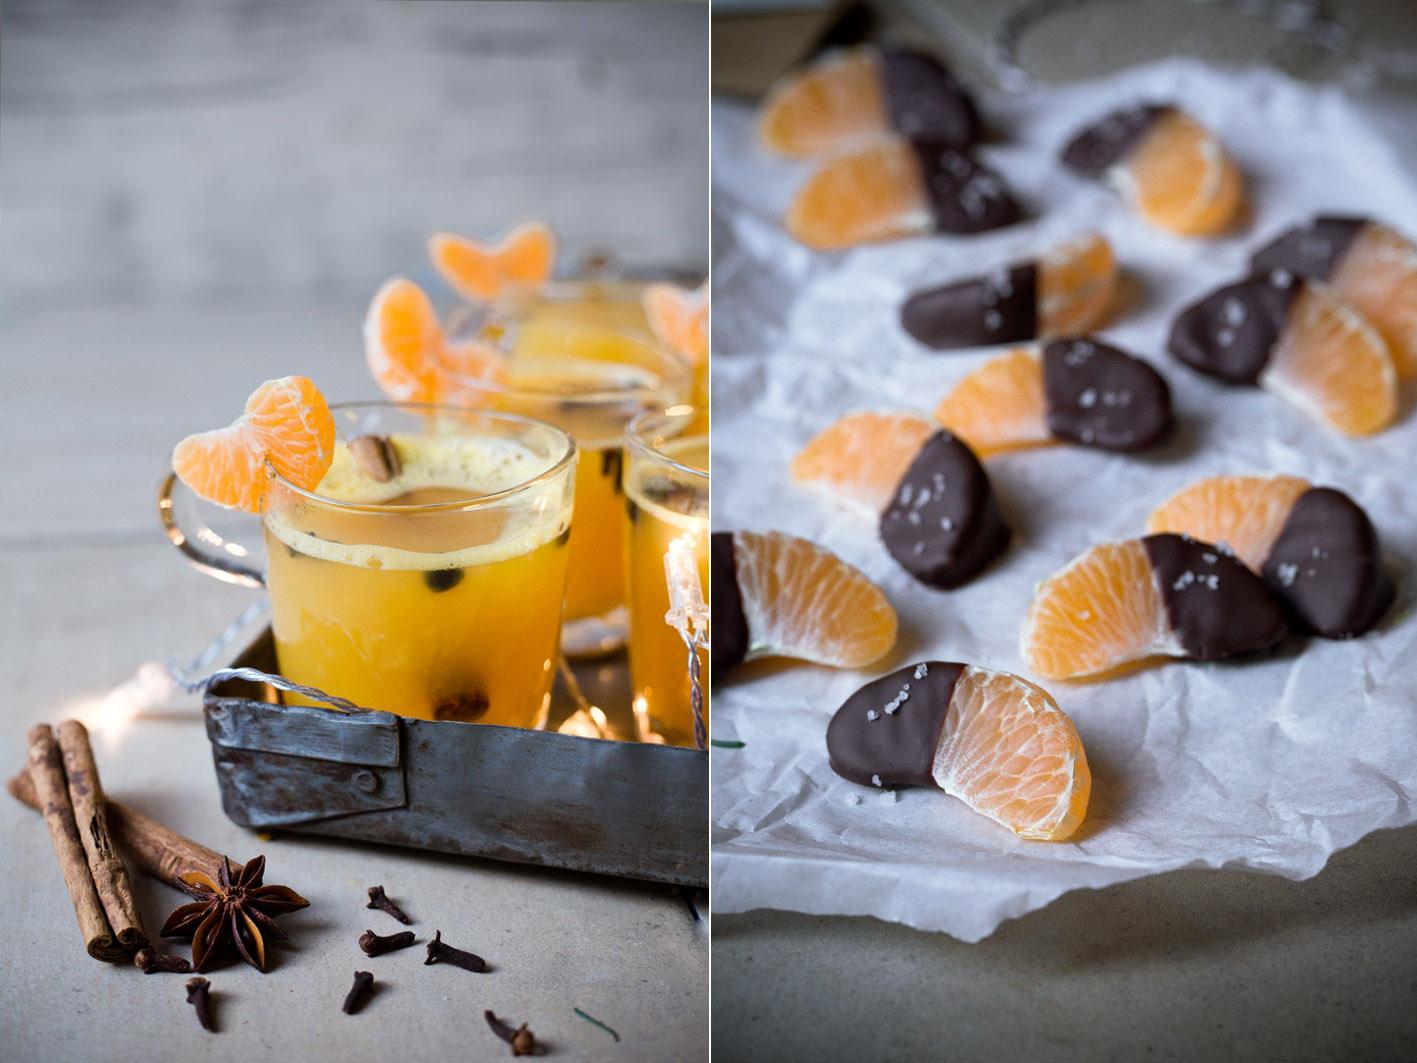 rezept für mandarinen gluehwein